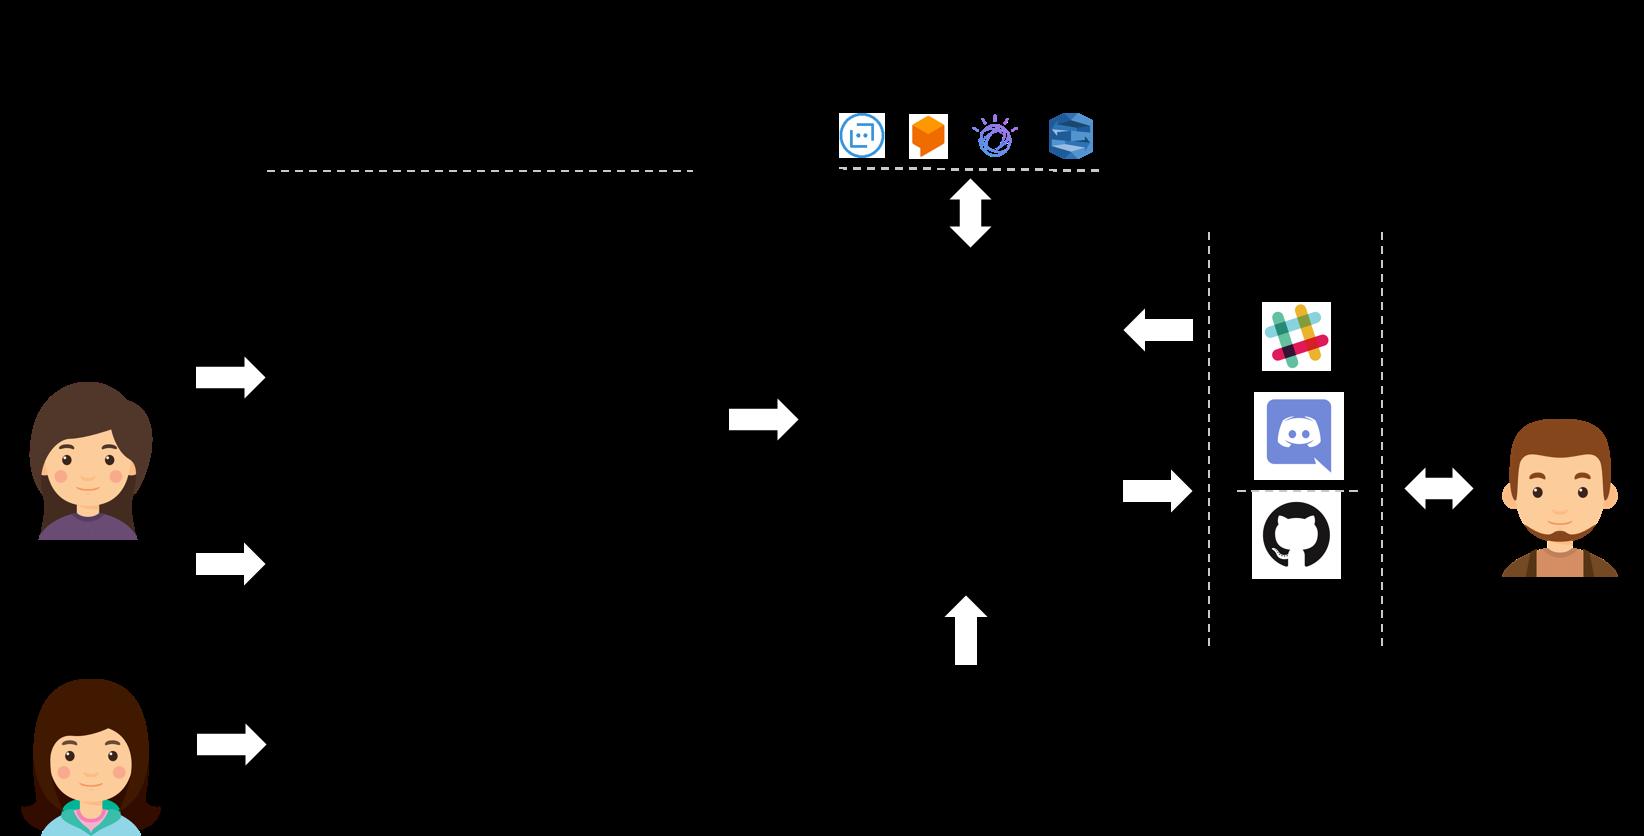 Xatkit Overview